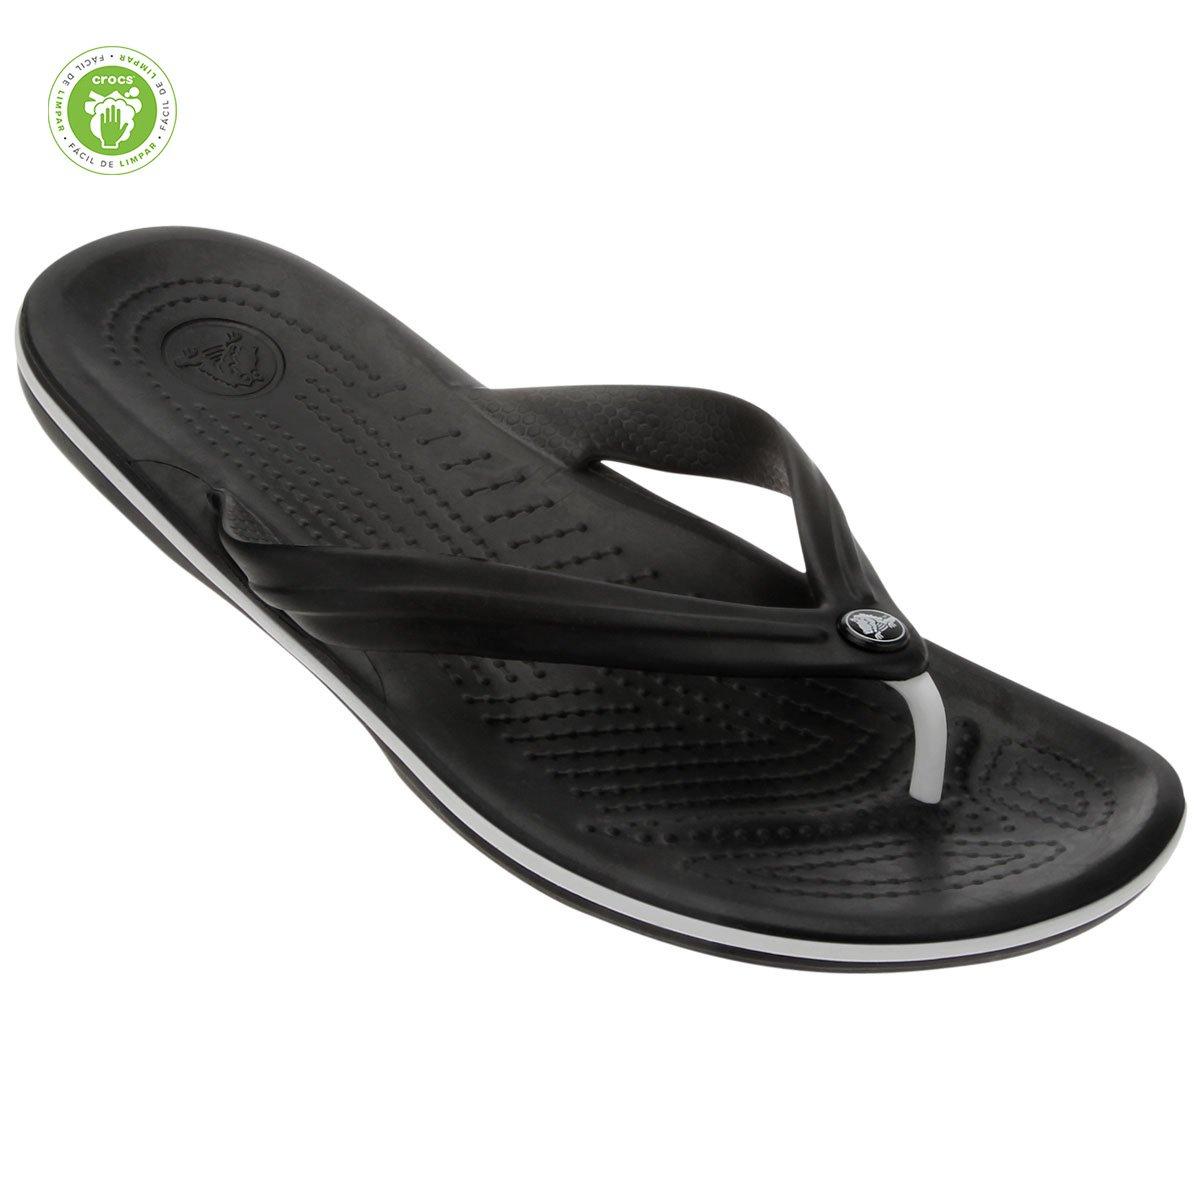 e874c0b4b4a Chinelo Crocs Crocband Flip - Preto e Branco - Compre Agora